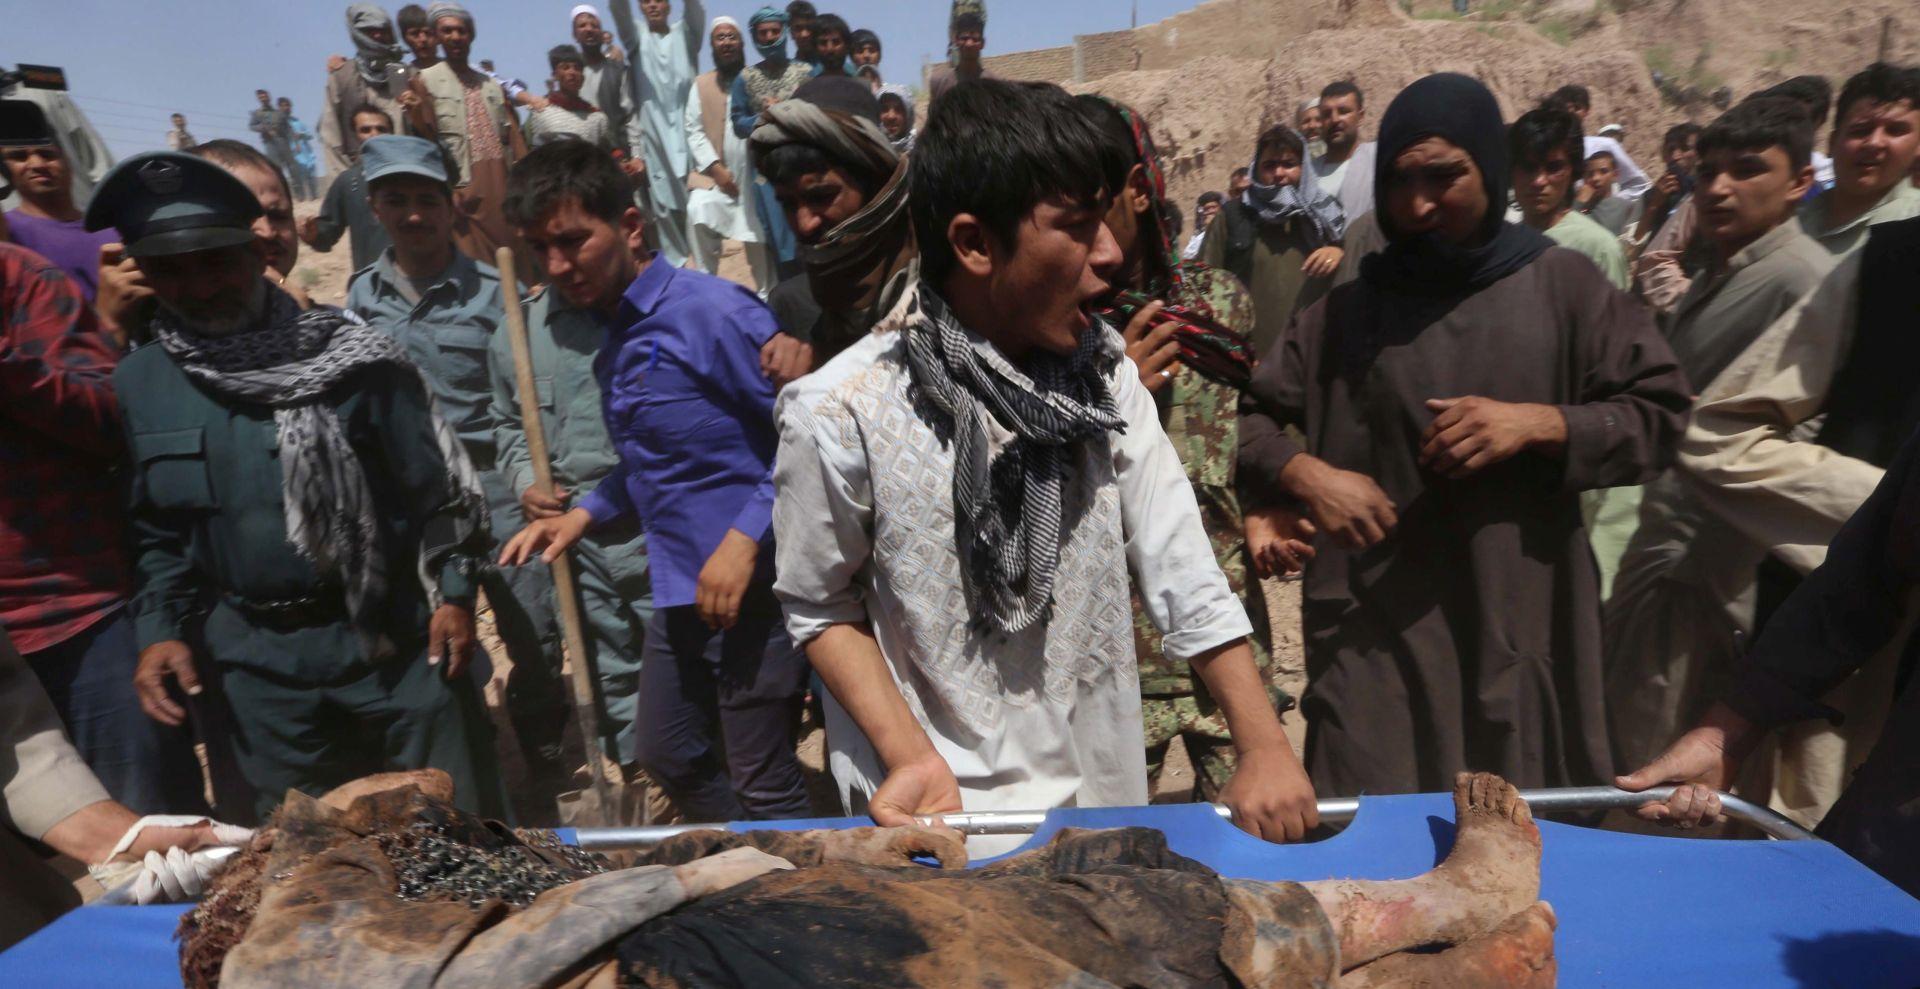 JEMEN: UN zadovoljan primirjem, traži od Hutija da ga poštuju